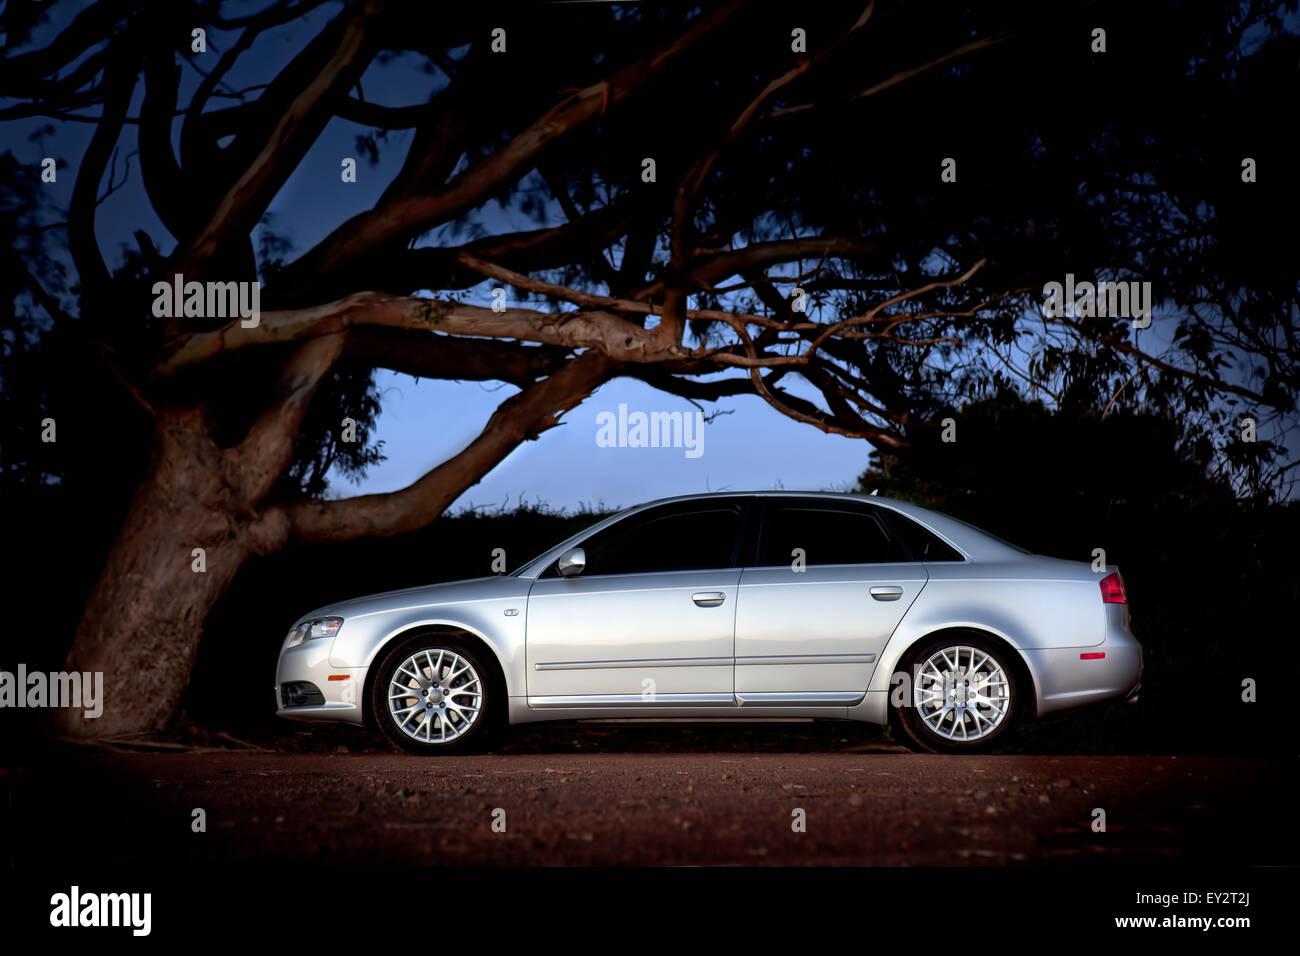 Audi Night Stock Photos Audi Night Stock Images Alamy